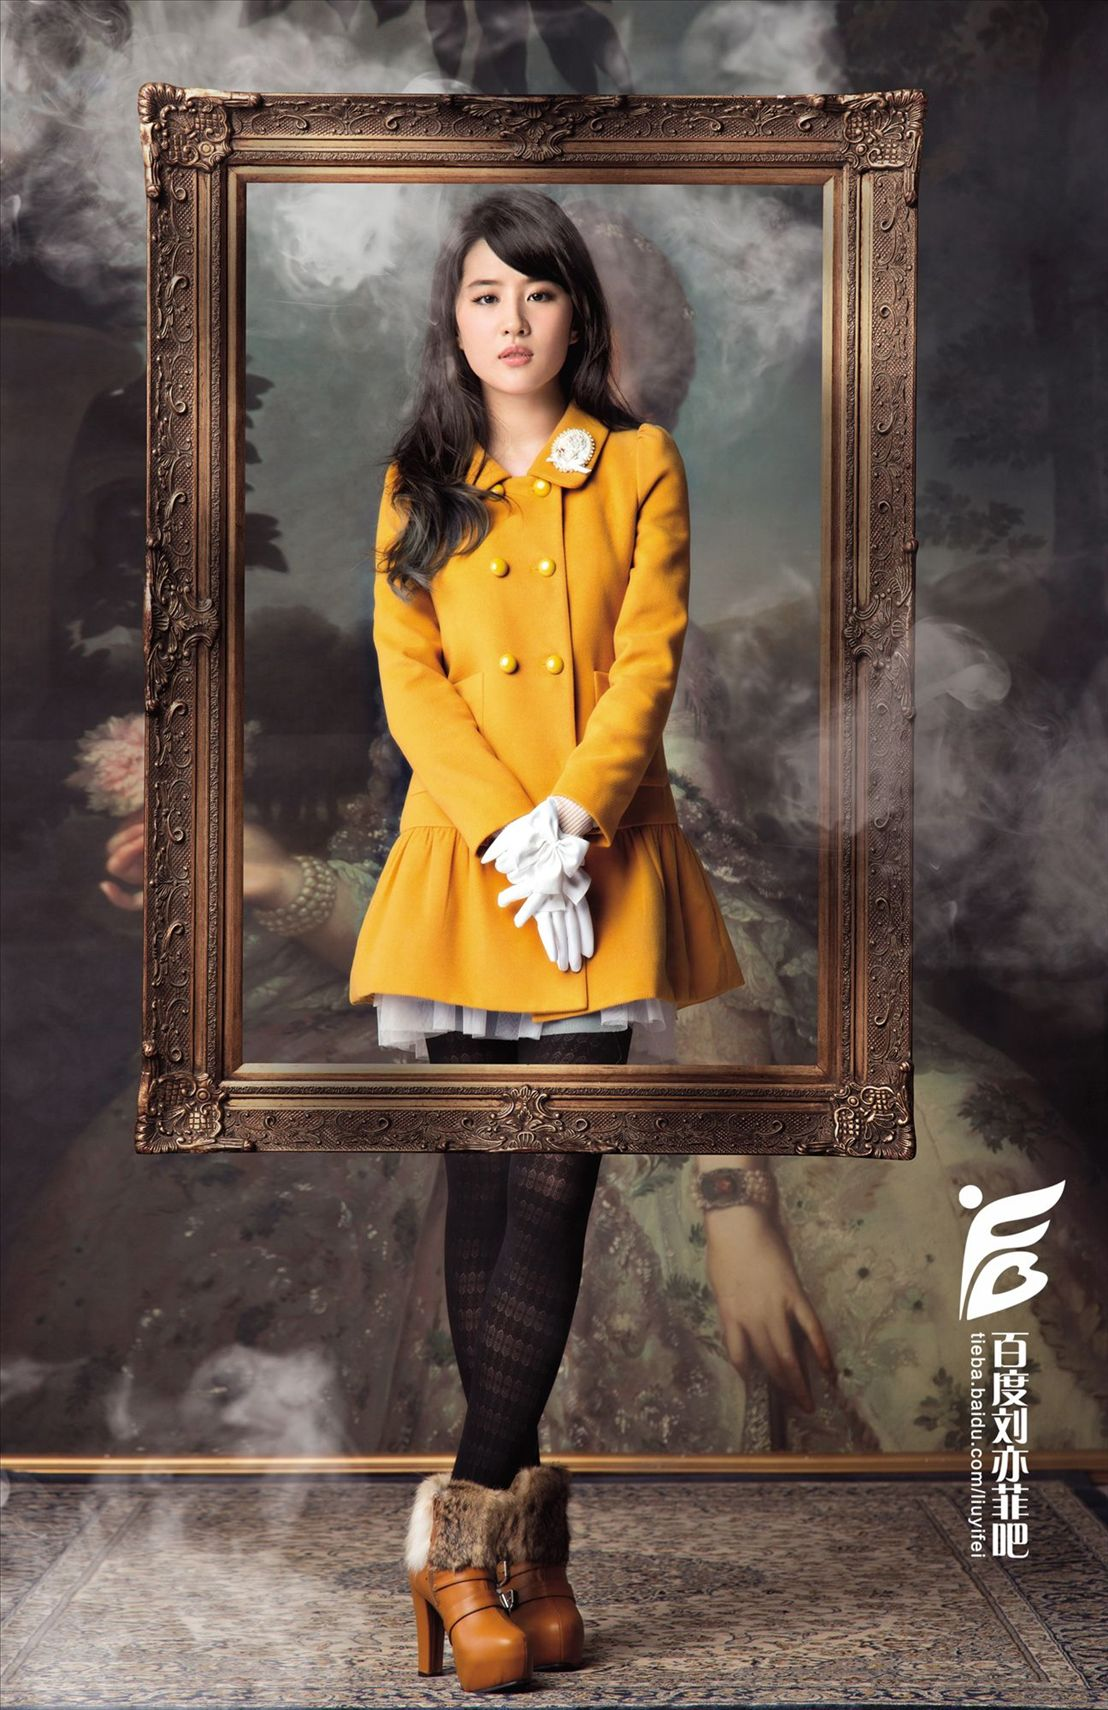 卓多姿2013秋装广告大片 《刘亦菲》[2013.7.24]